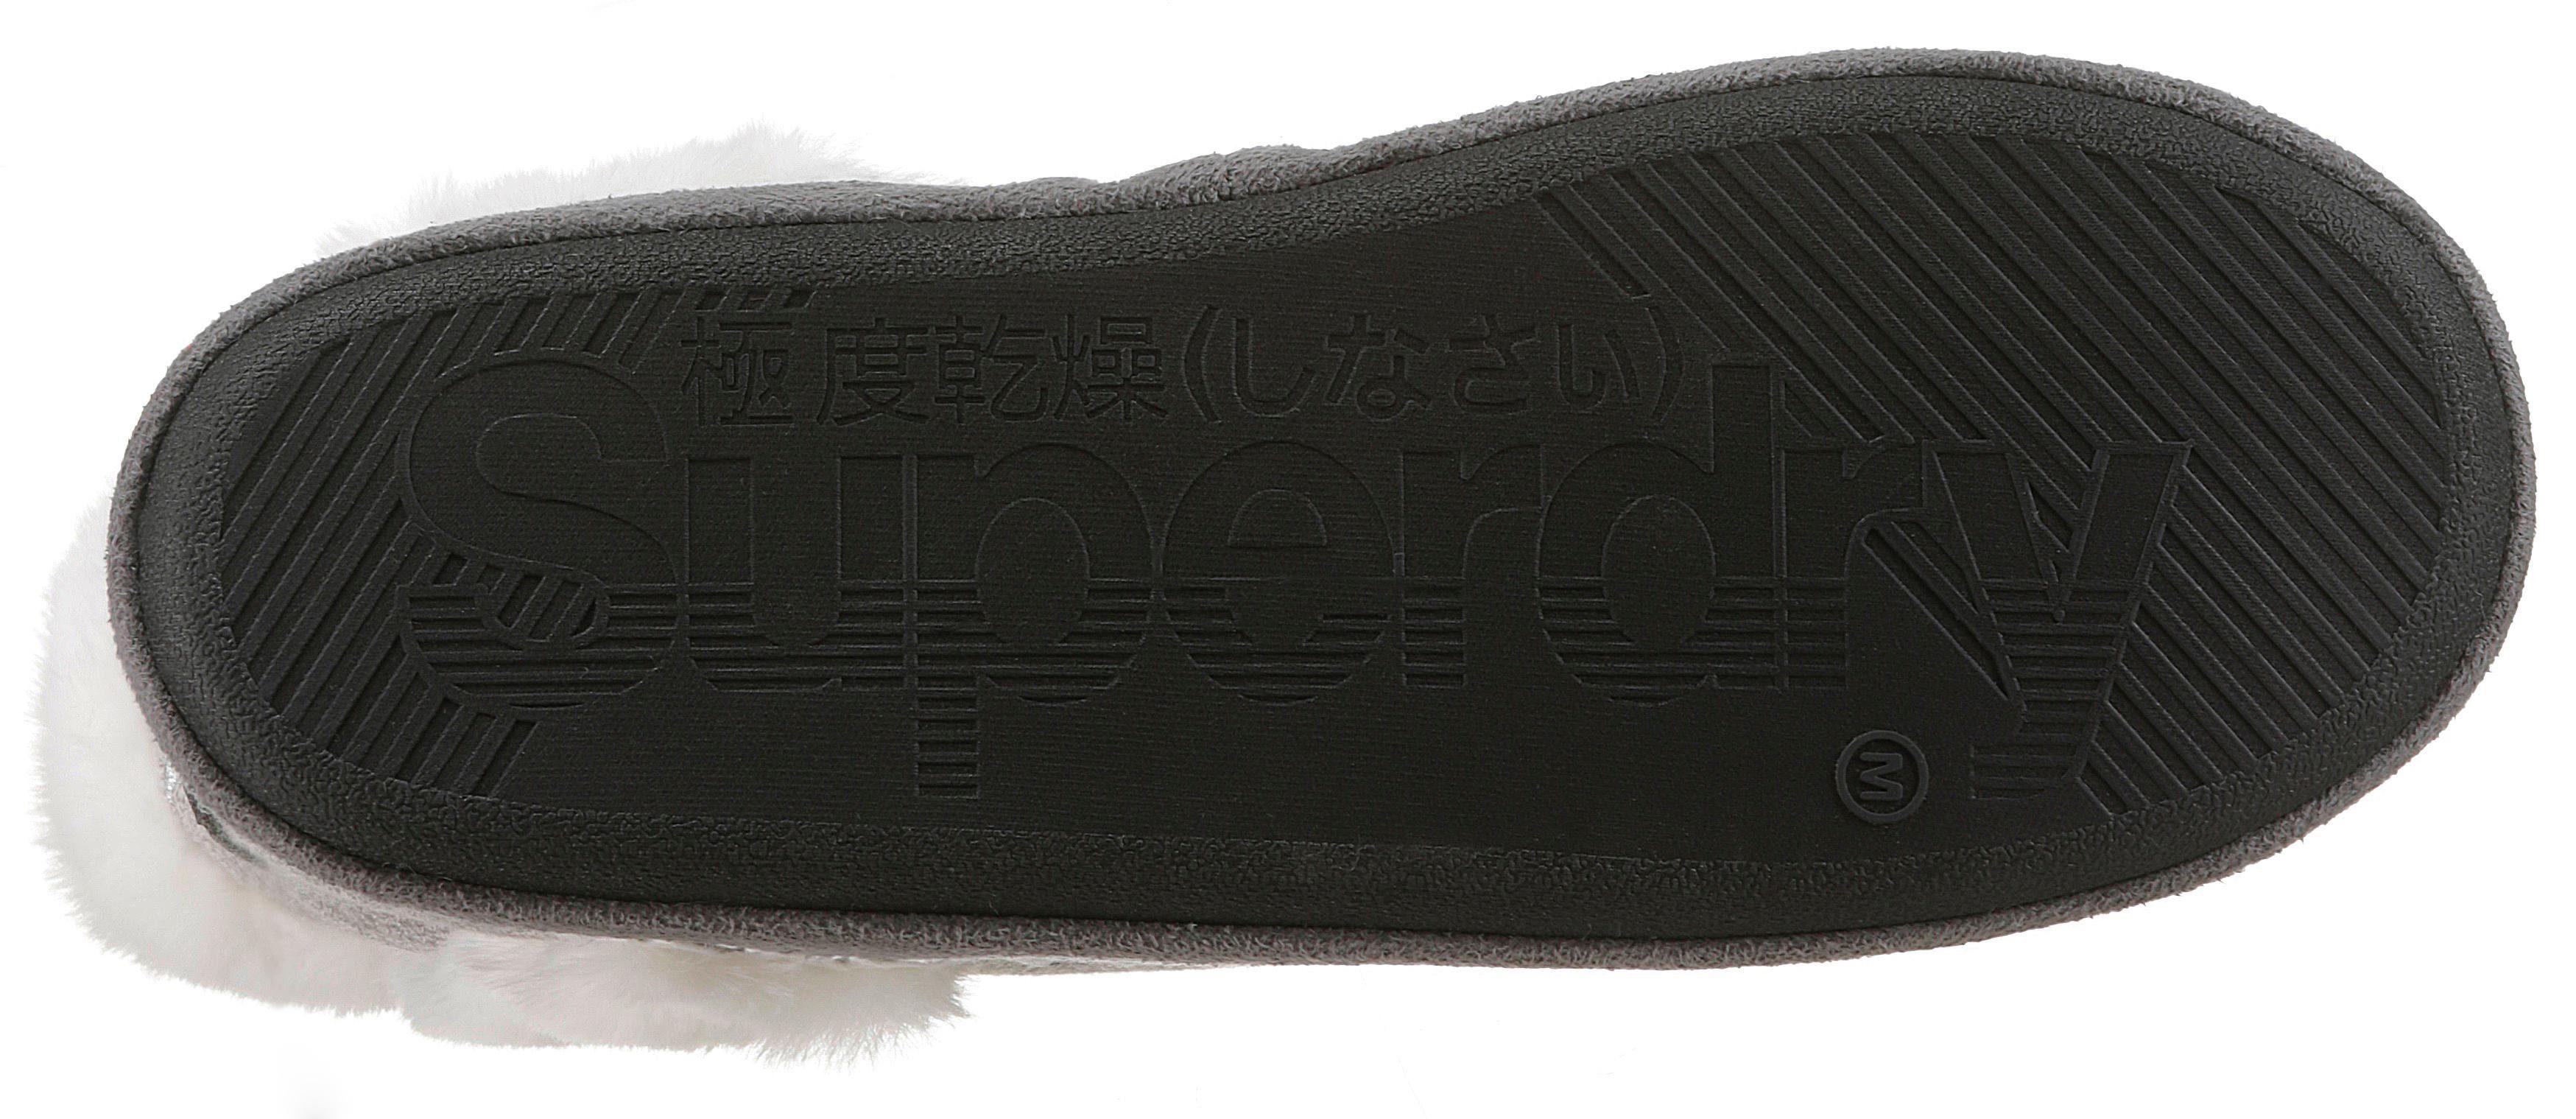 Trend Hüttenschuhe >7749 Superdry »Slipper Boot« Hüttenschuhe Trend mit süßer Sternchen-Stickerei ca4b2c